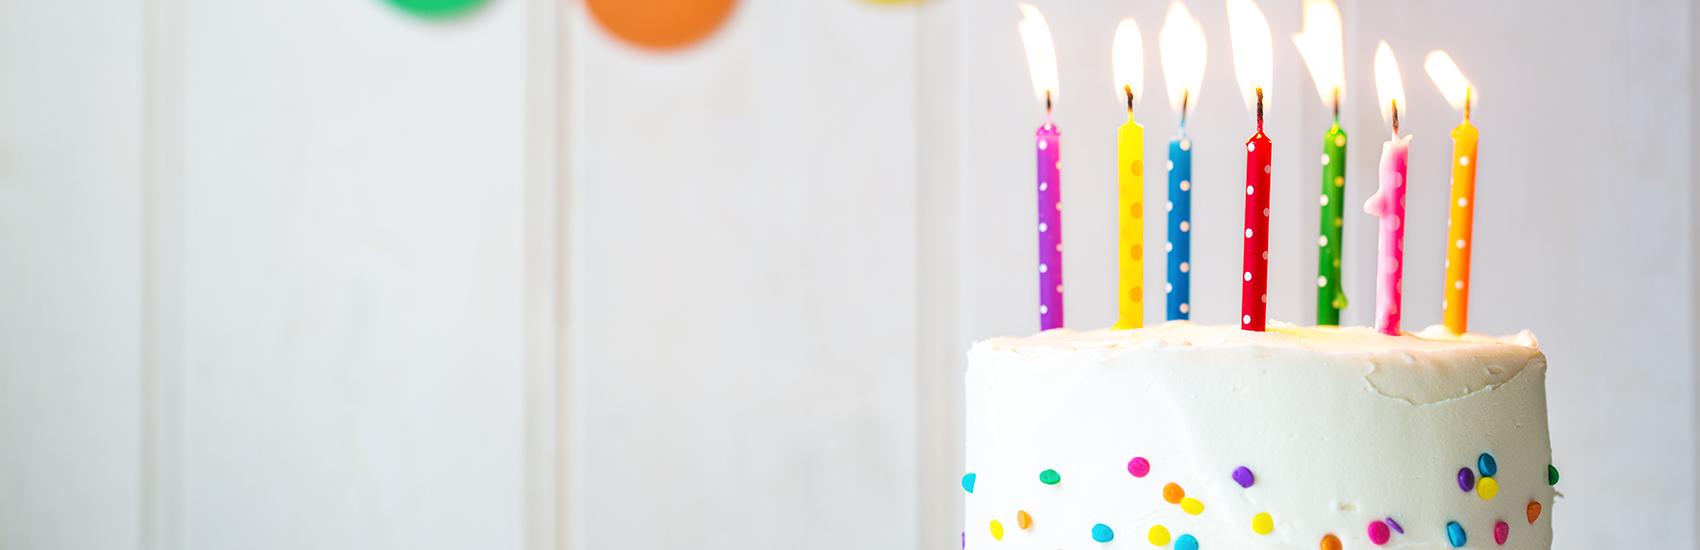 Make A Birthday Wish For Children